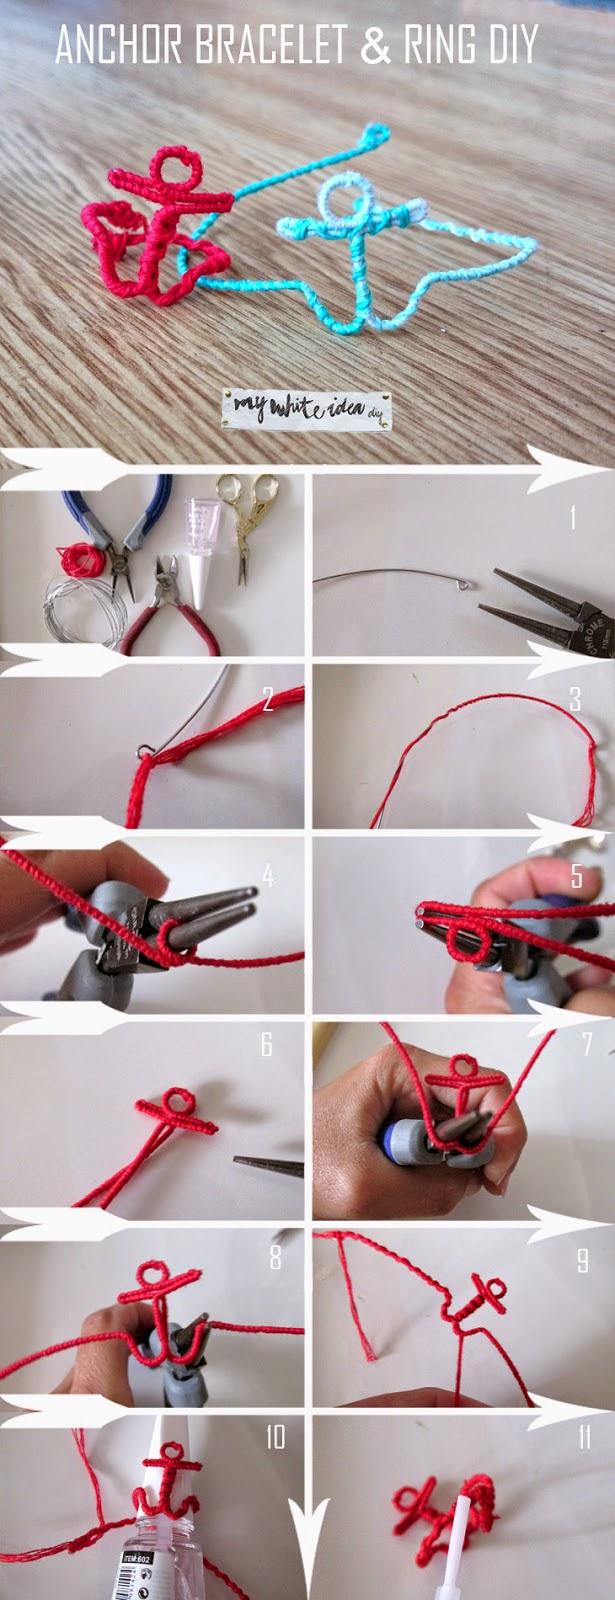 ac0e50313e18 ANCHOR BRACELET   RING DIY